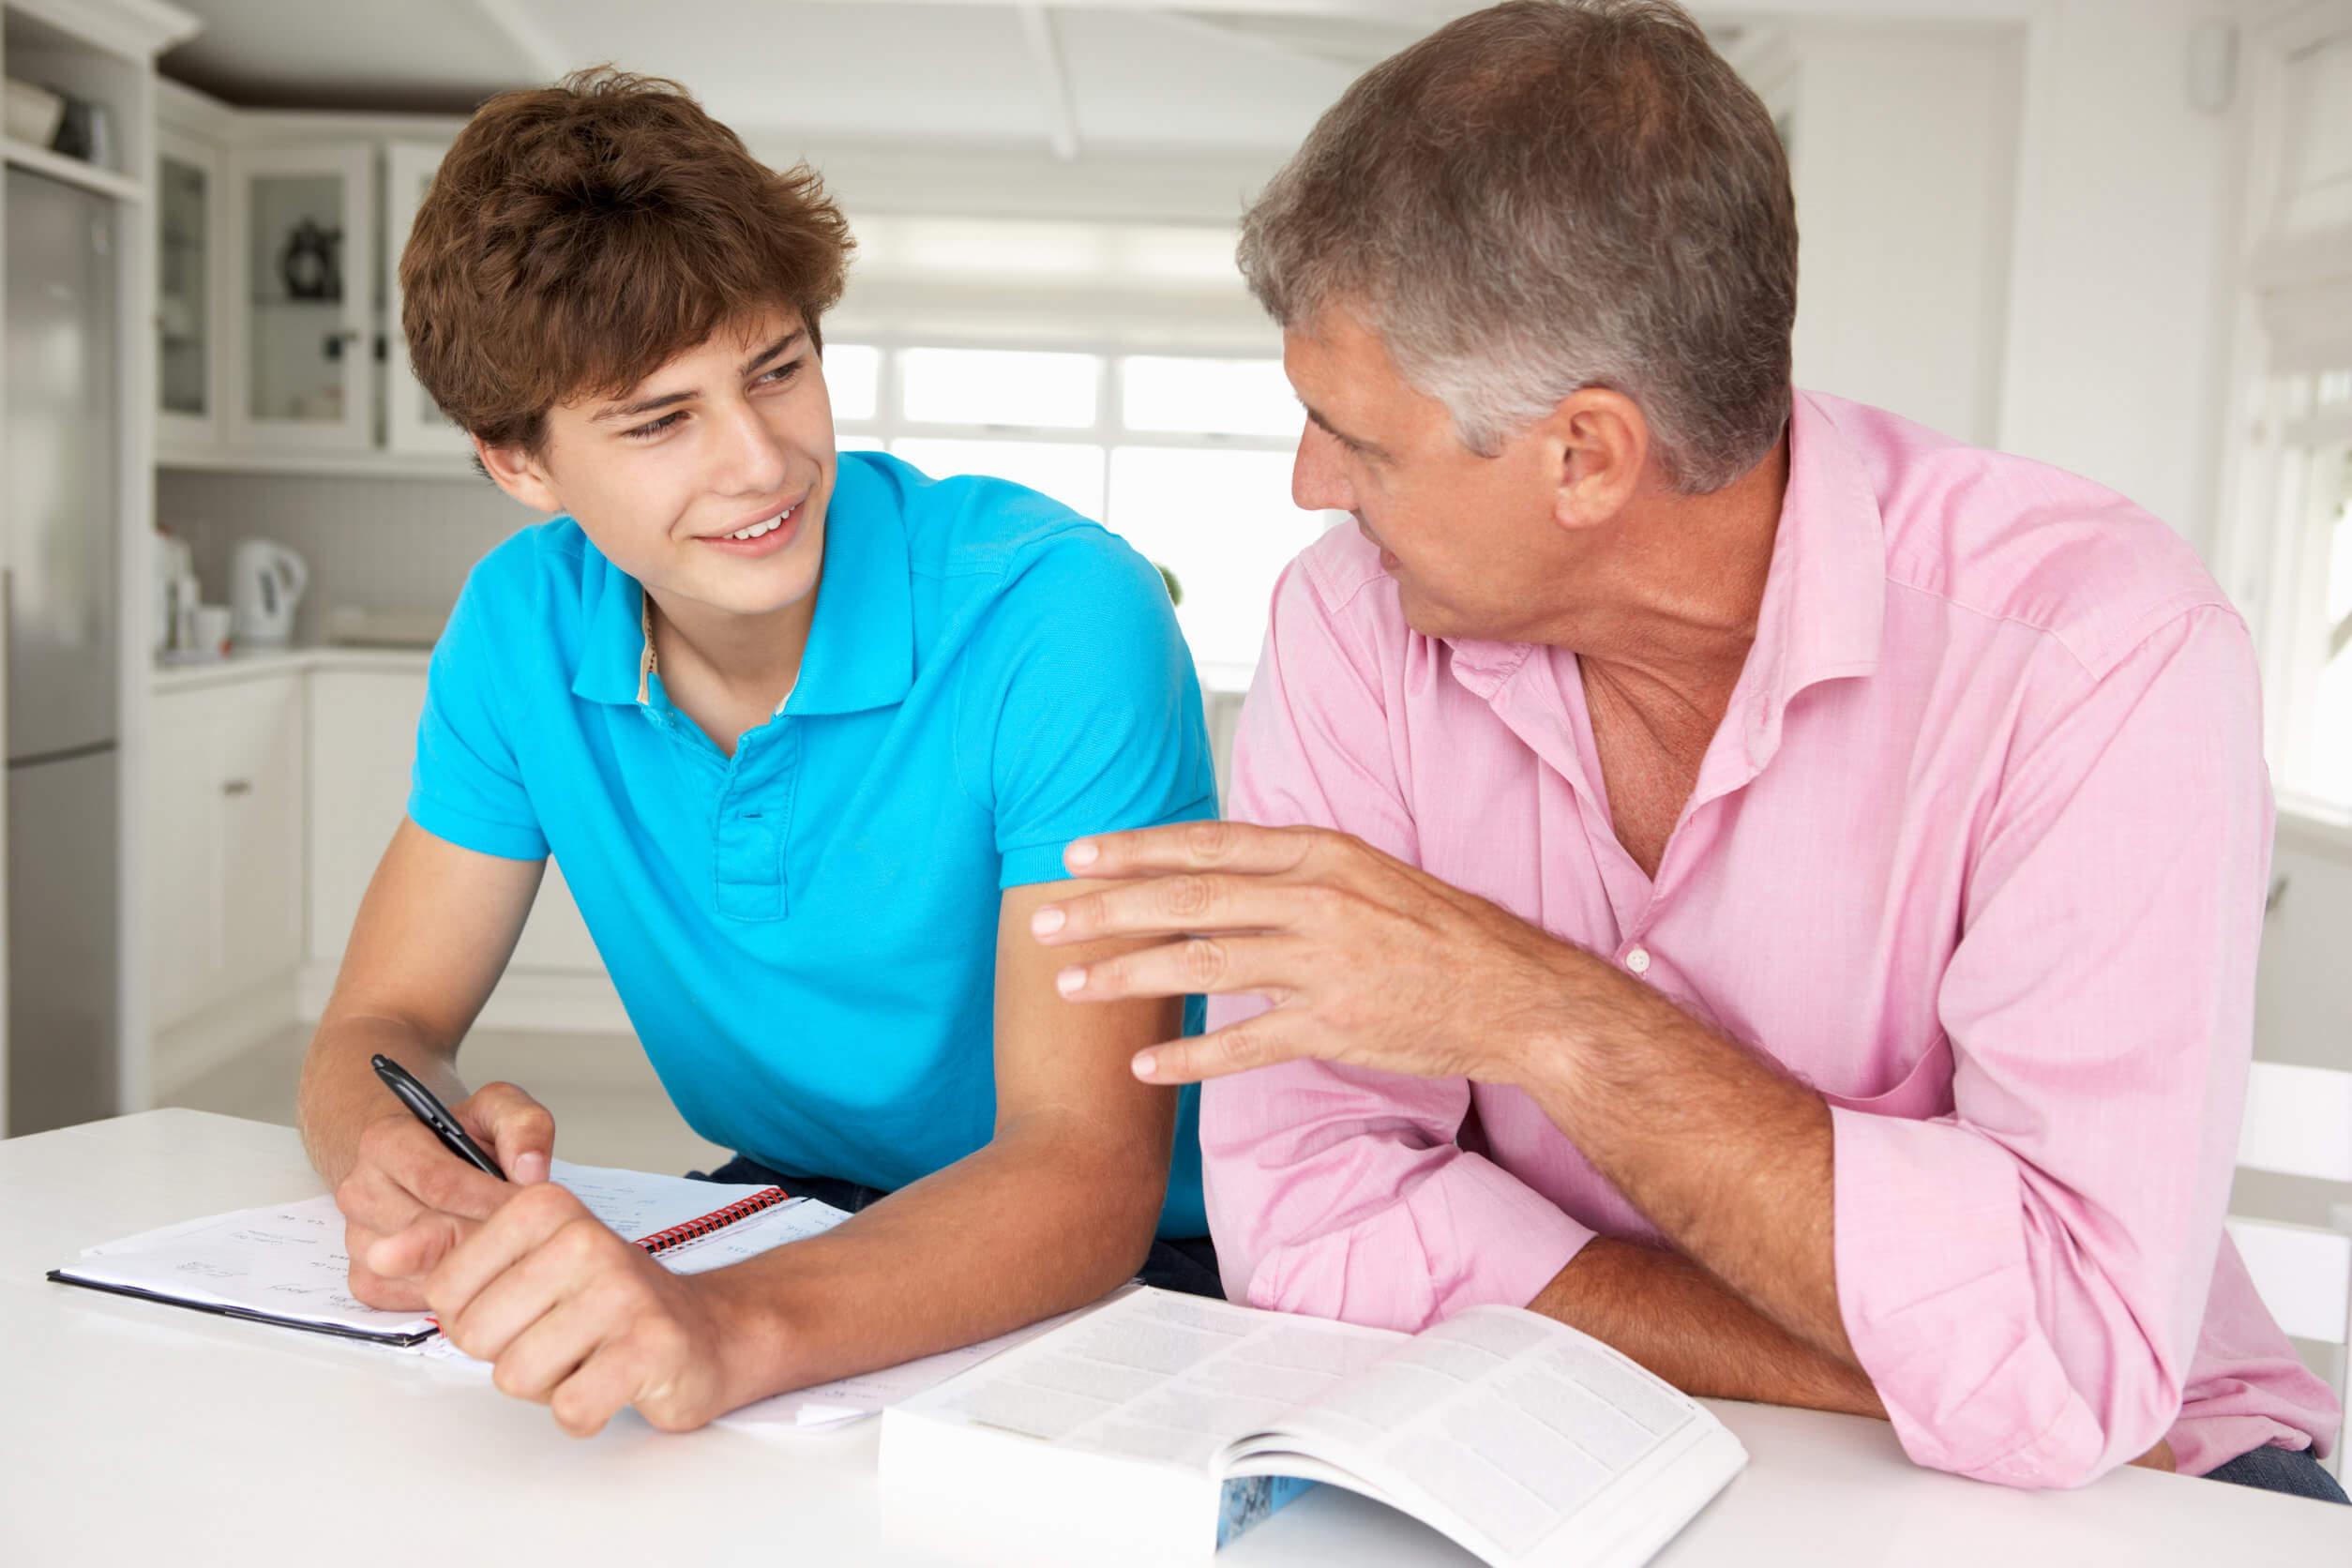 Padre negocia con su hijo adolescente.